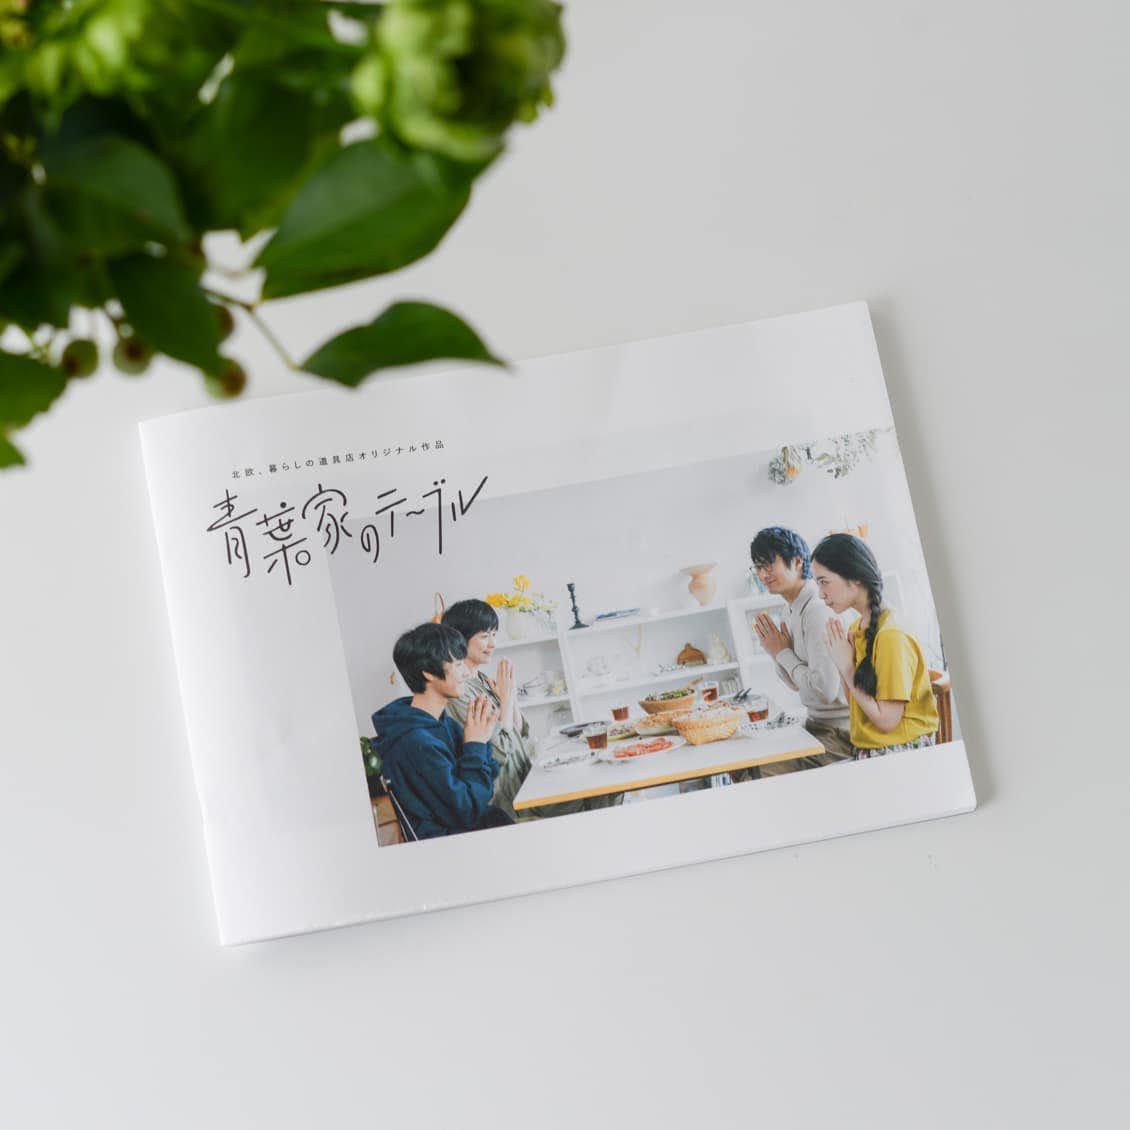 【本日スタート!】お買い物いただいた方全員に「青葉家のテーブル公式ブックレット」をプレゼント!